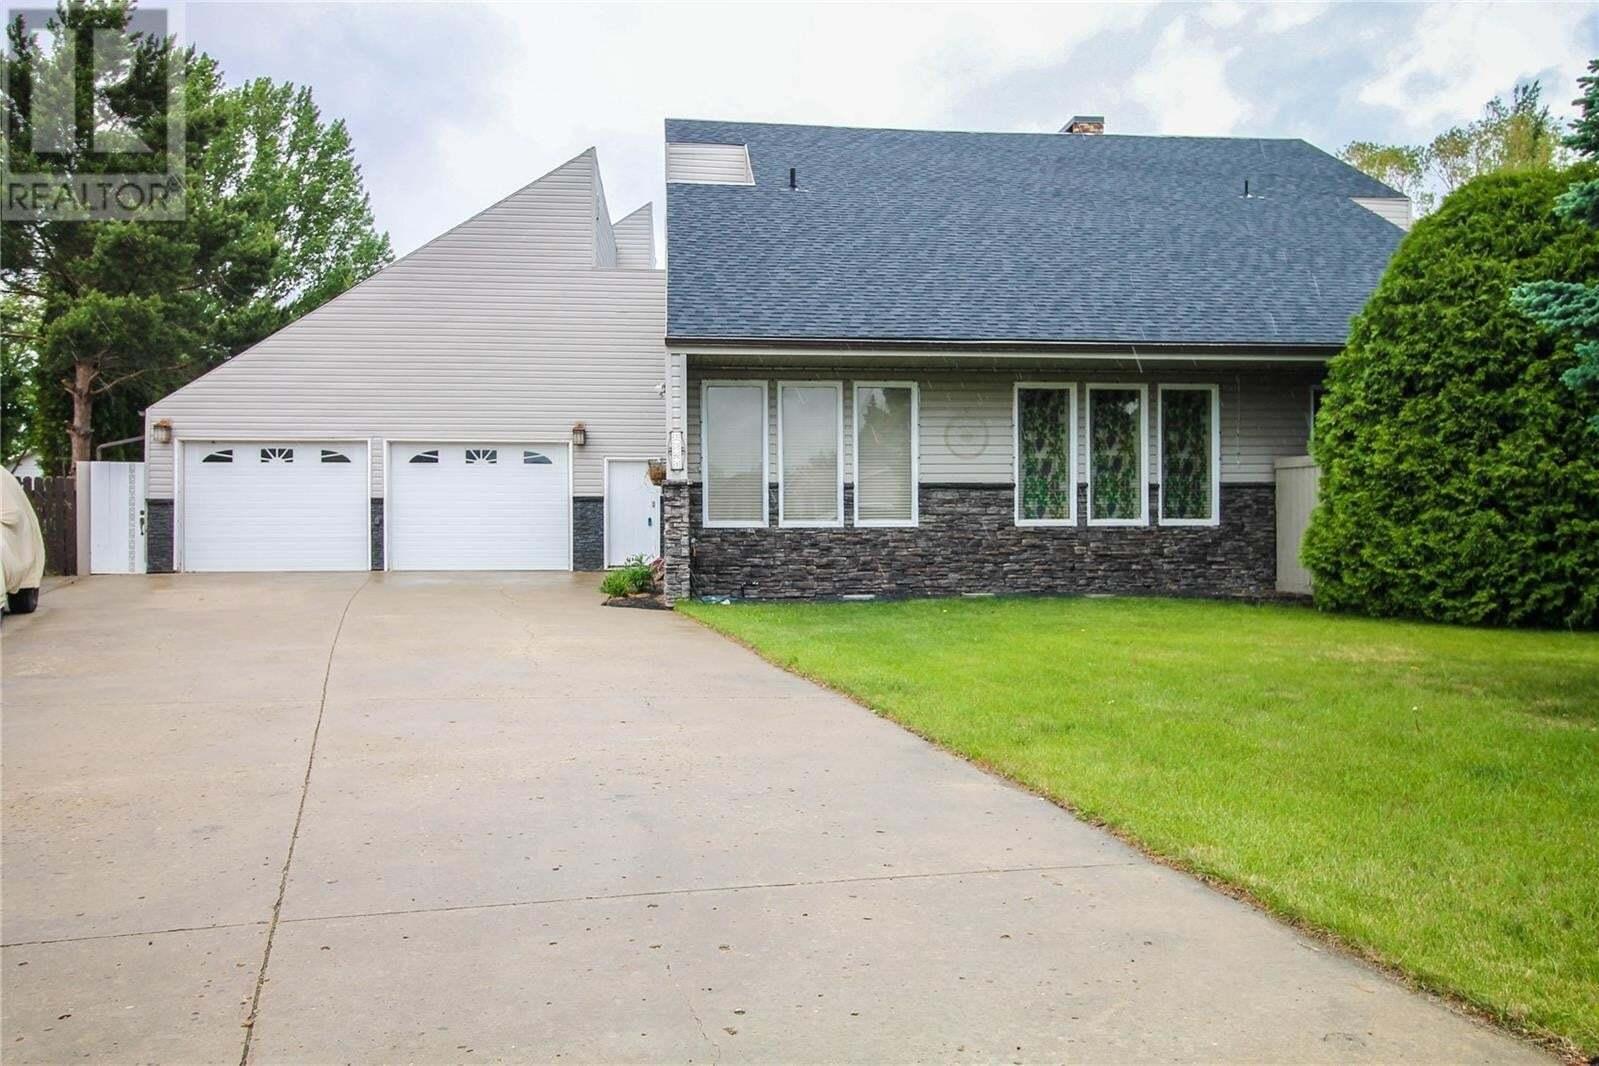 House for sale at 2361 Robin Pl North Battleford Saskatchewan - MLS: SK814407